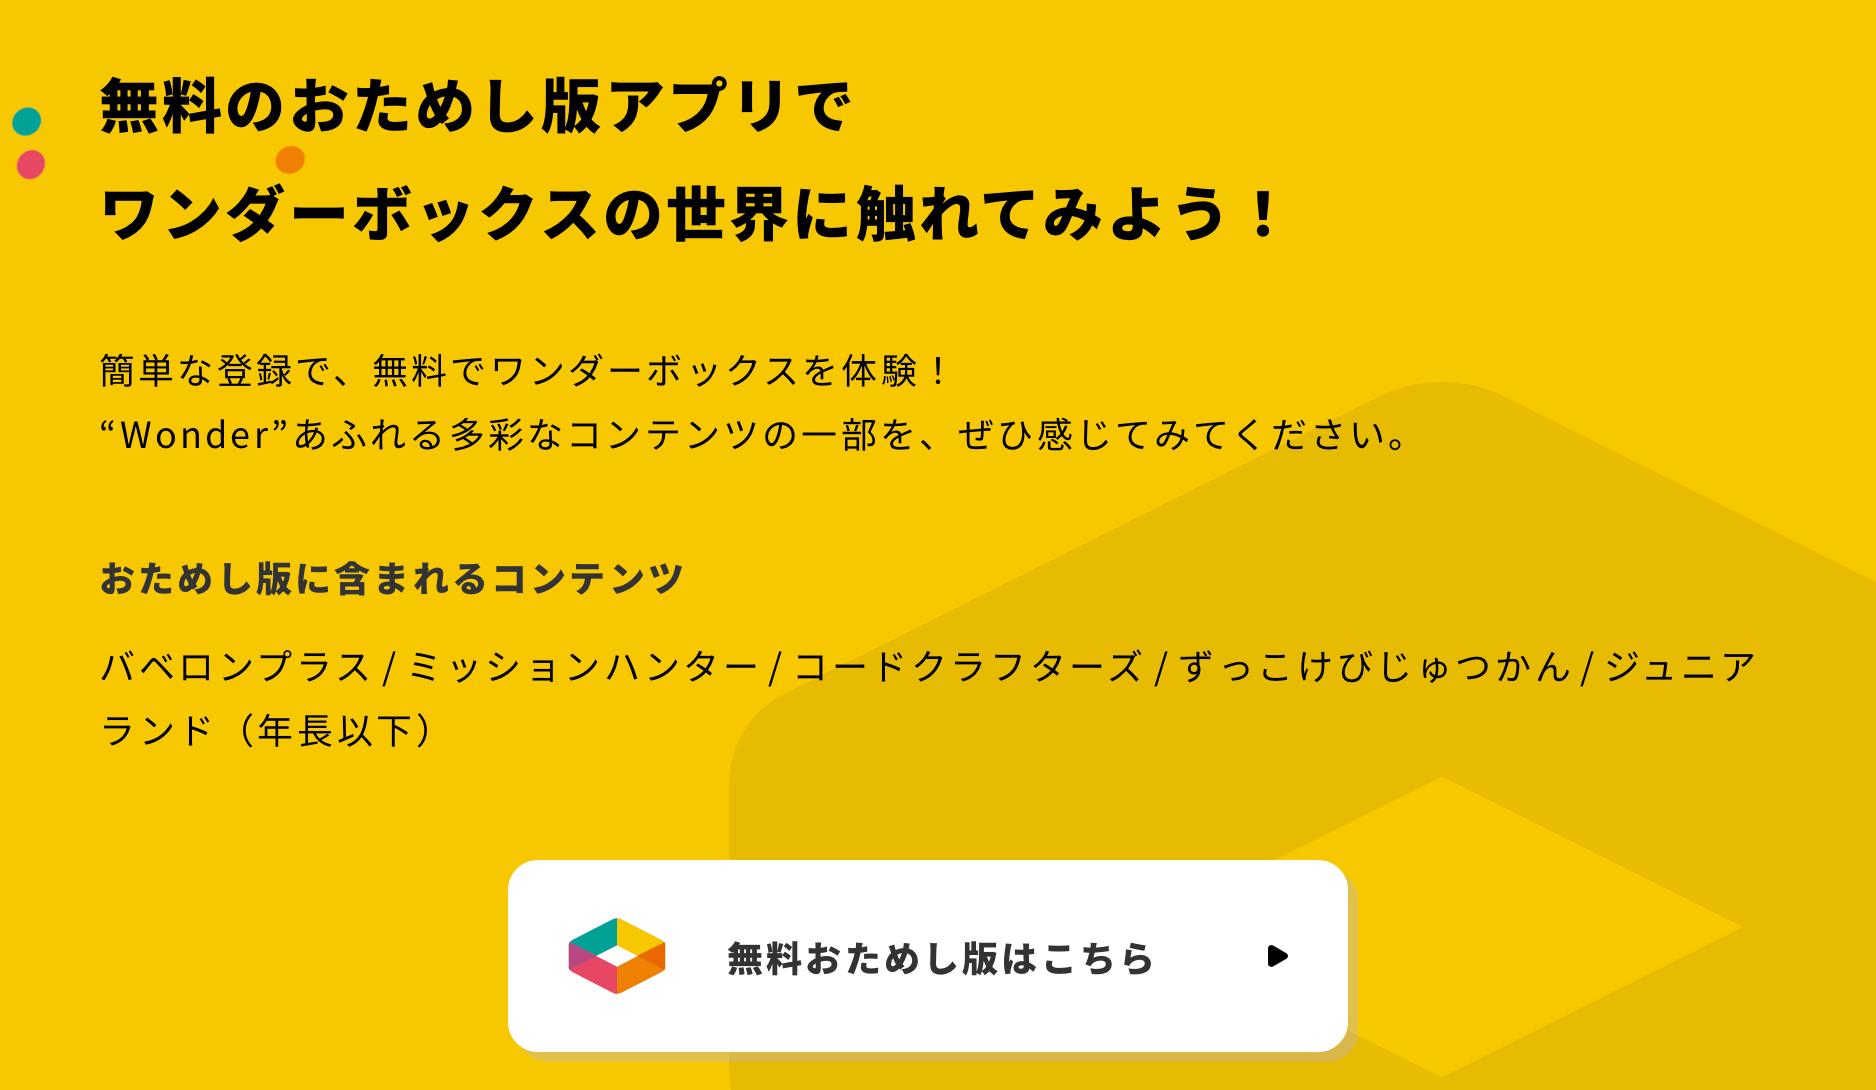 ワンダーラボお試し版アプリ